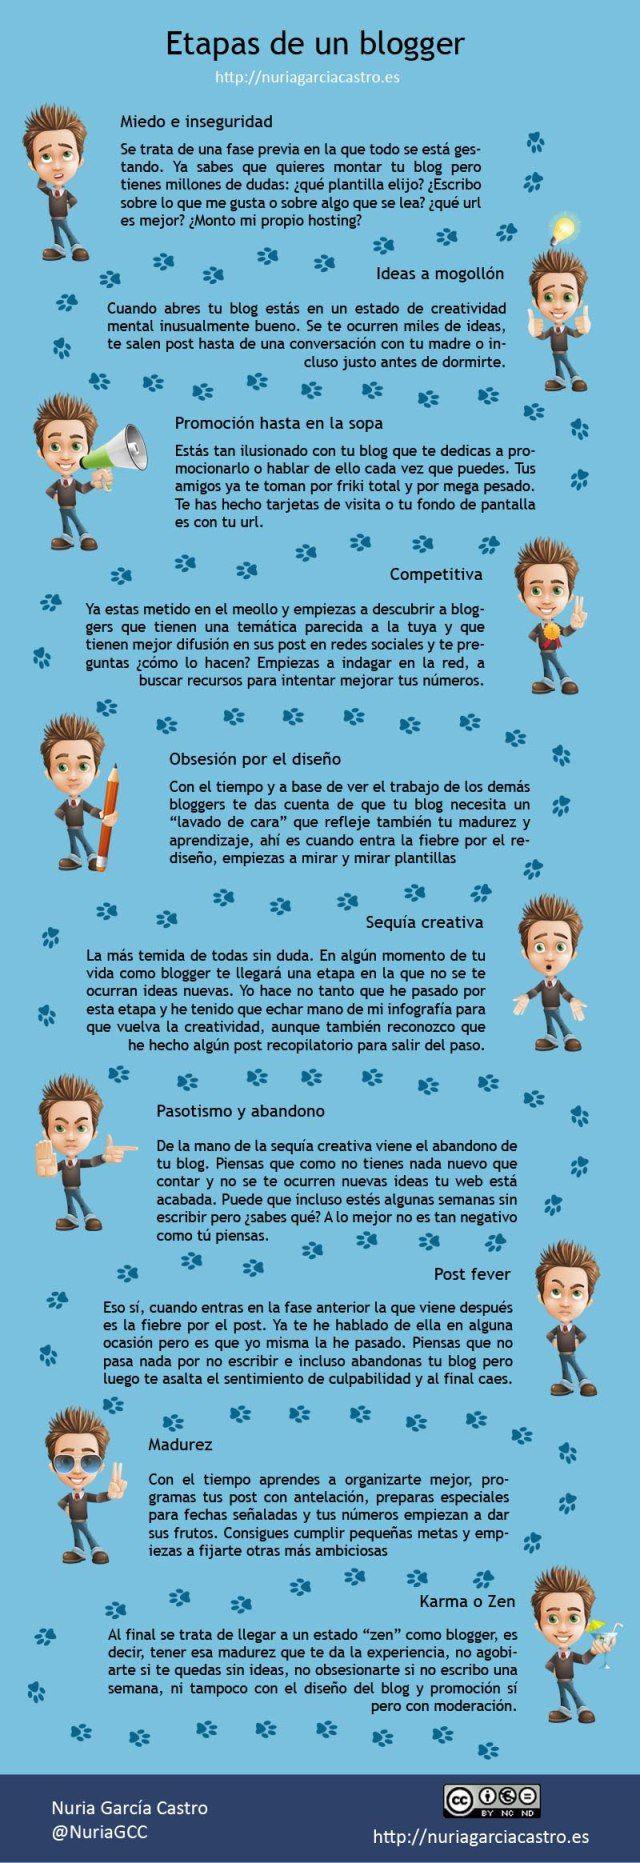 Etapas de un blogger #infografia